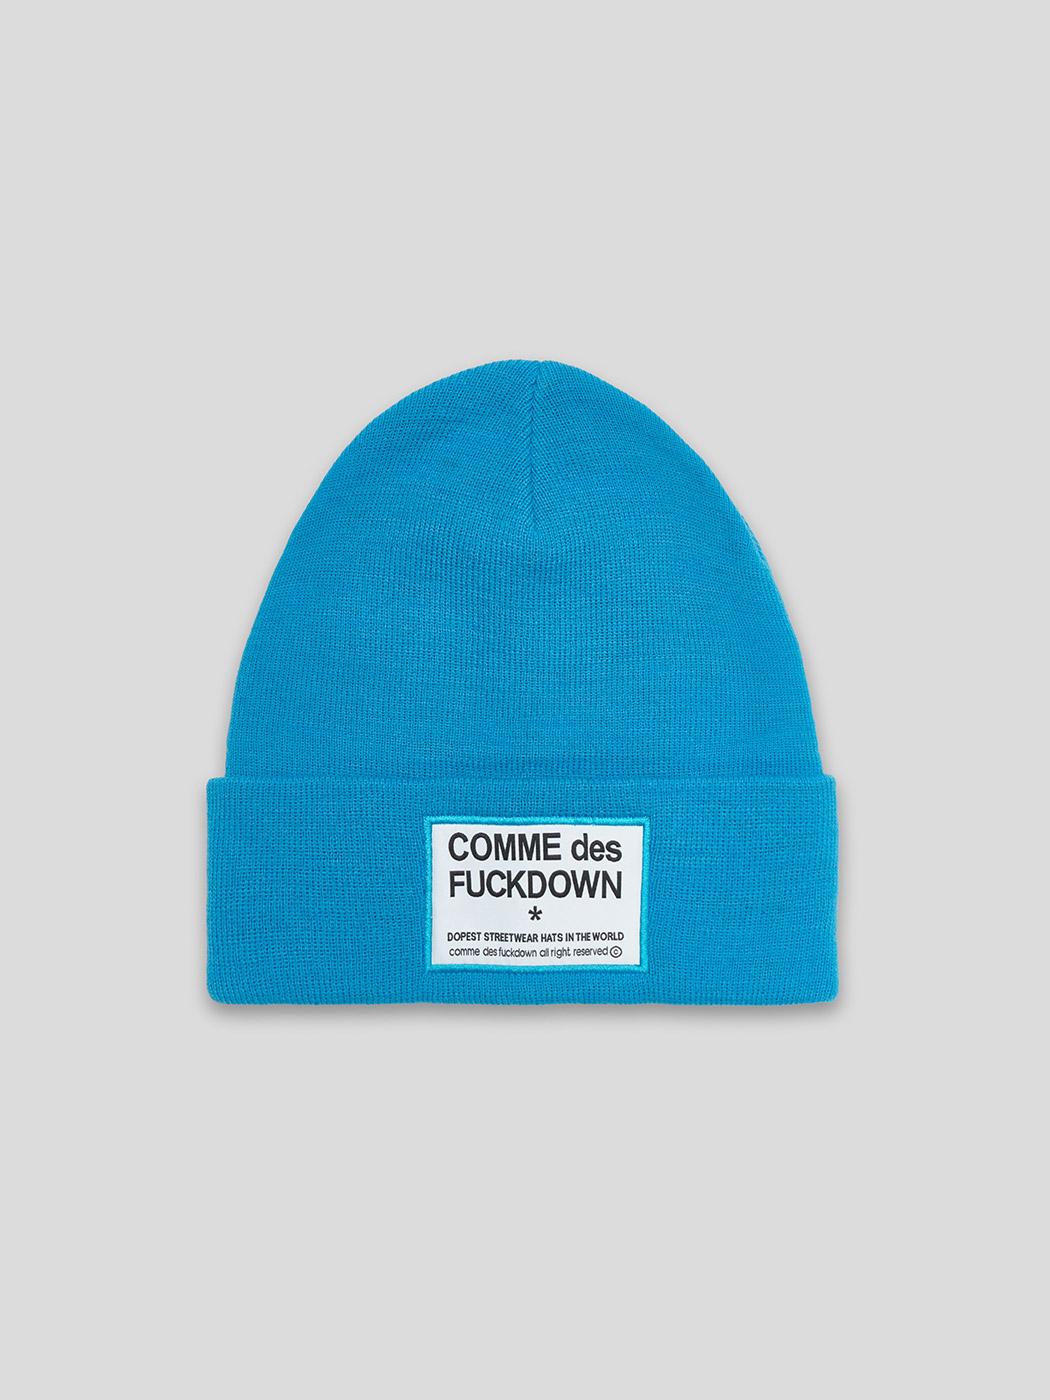 HAT - CDFA571 - COMME DES FKDOWN